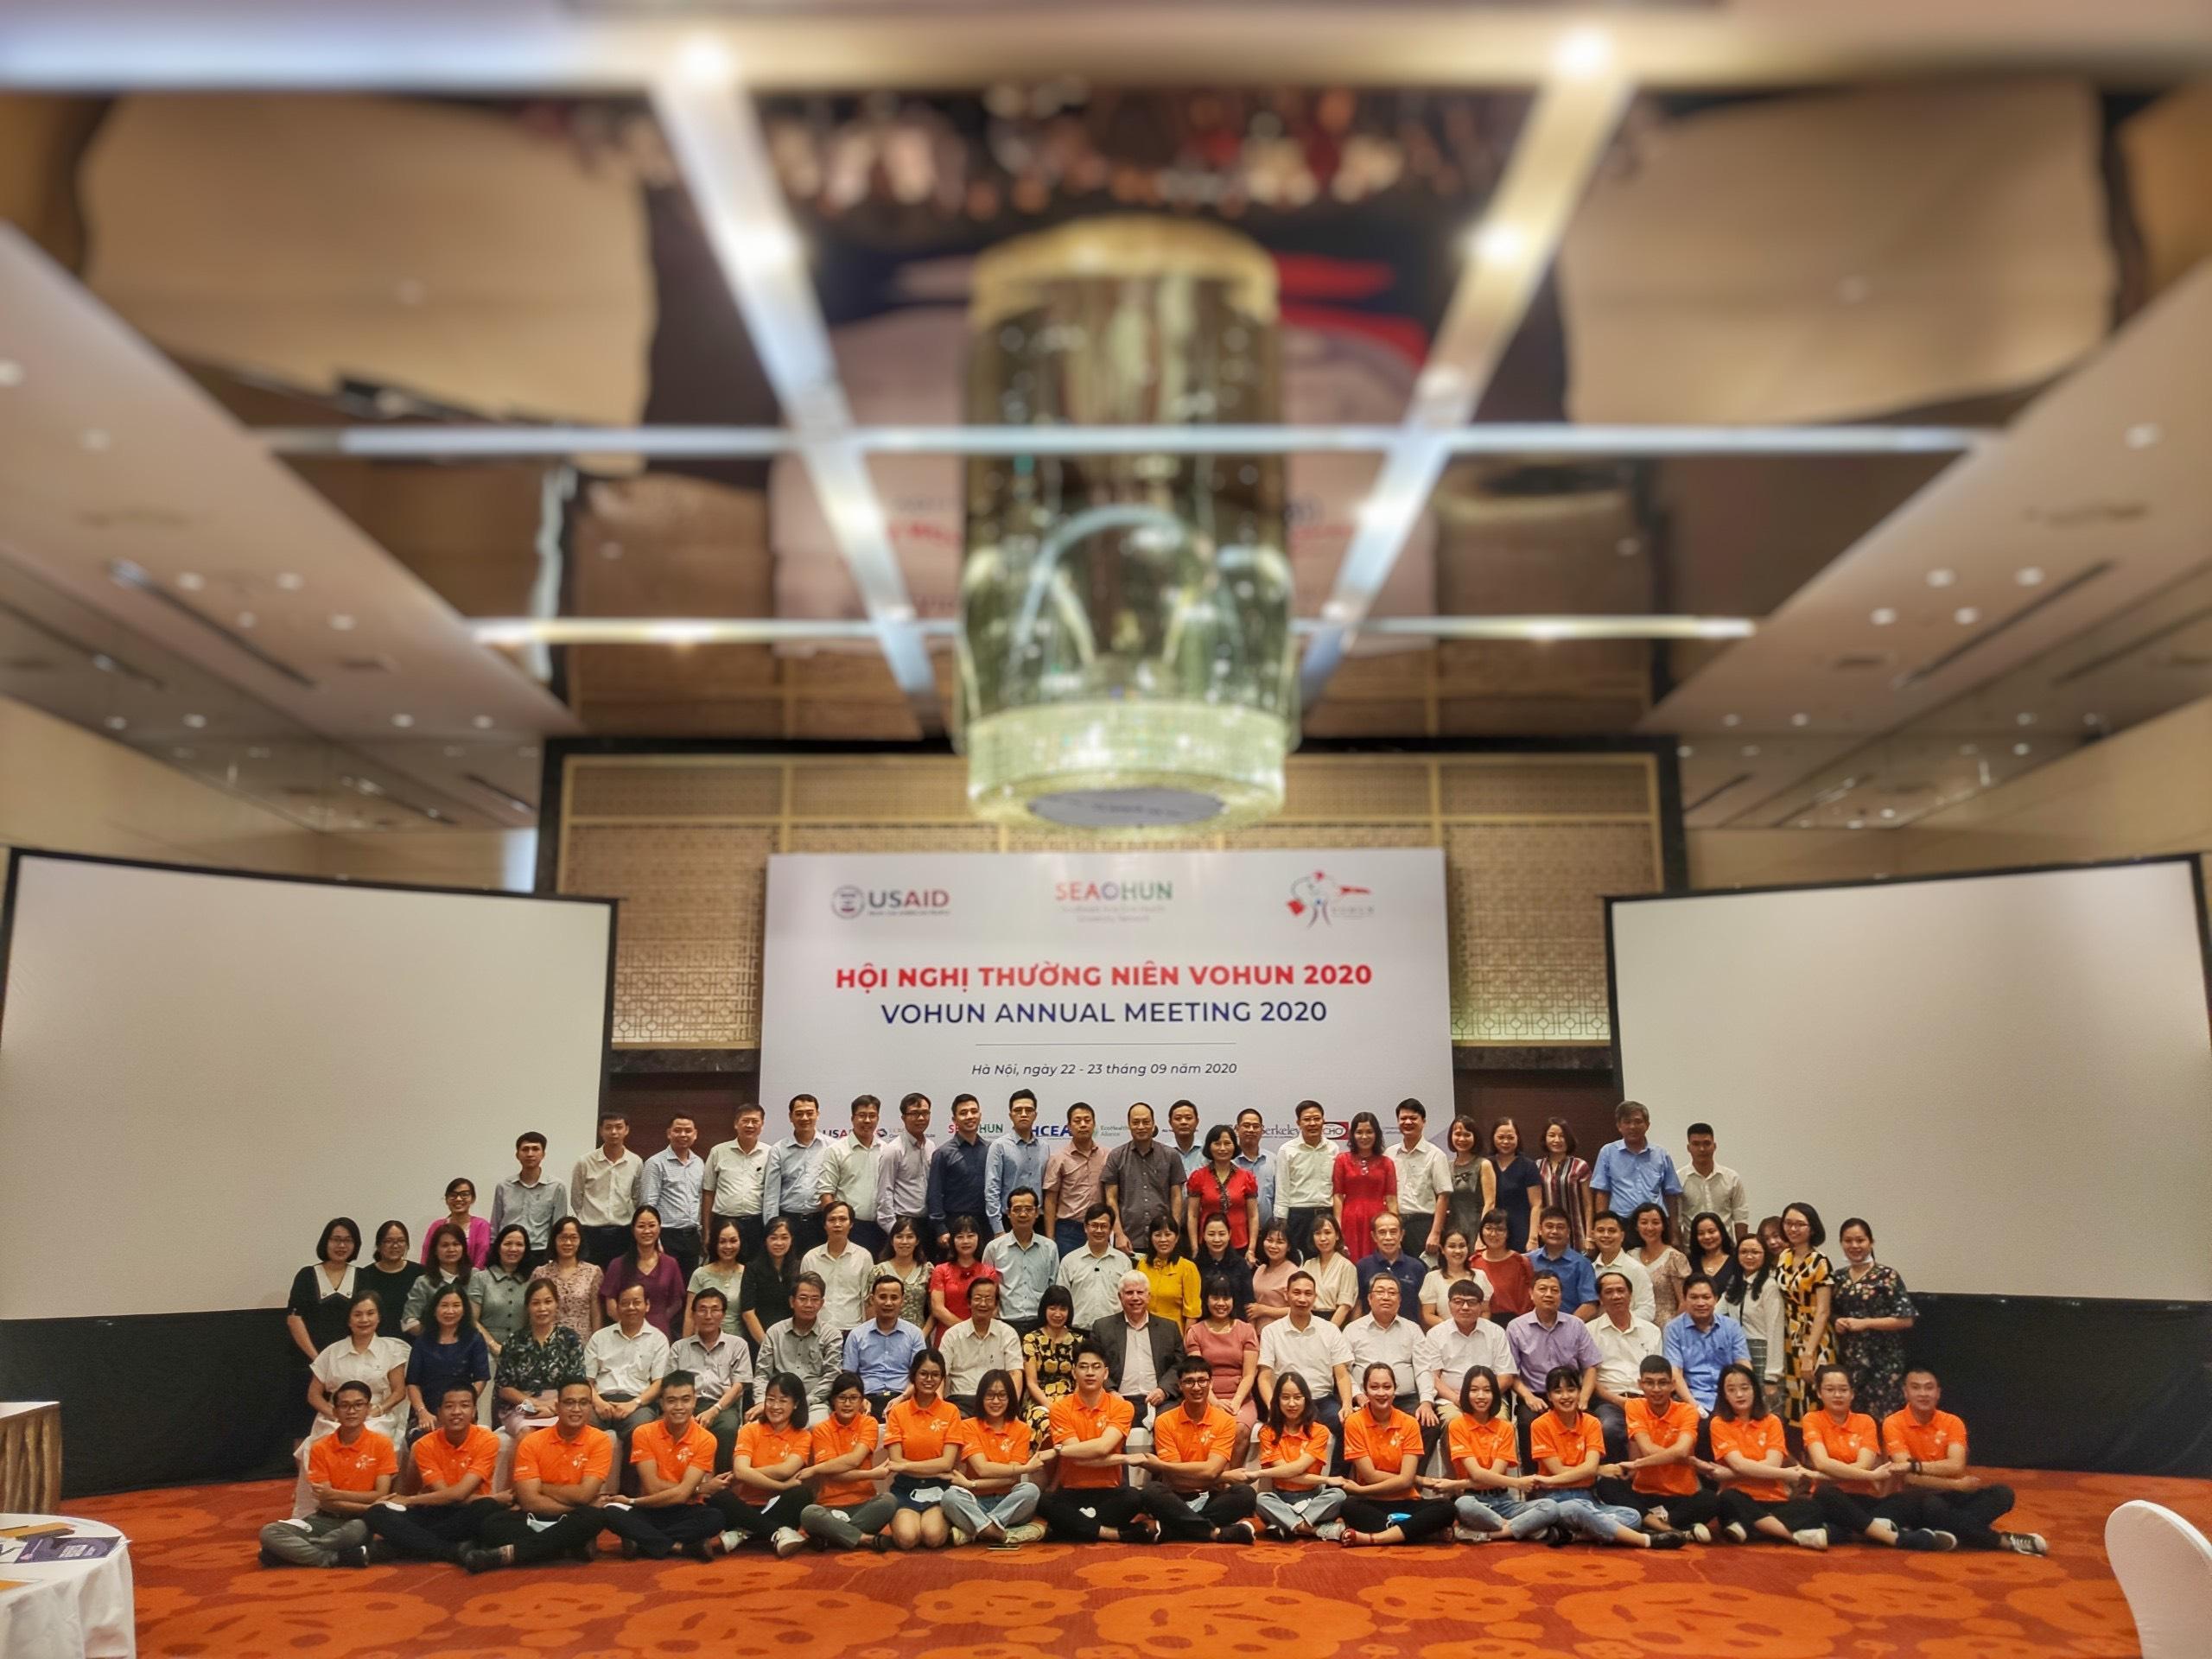 Hội nghị thường niên VOHUN 2020